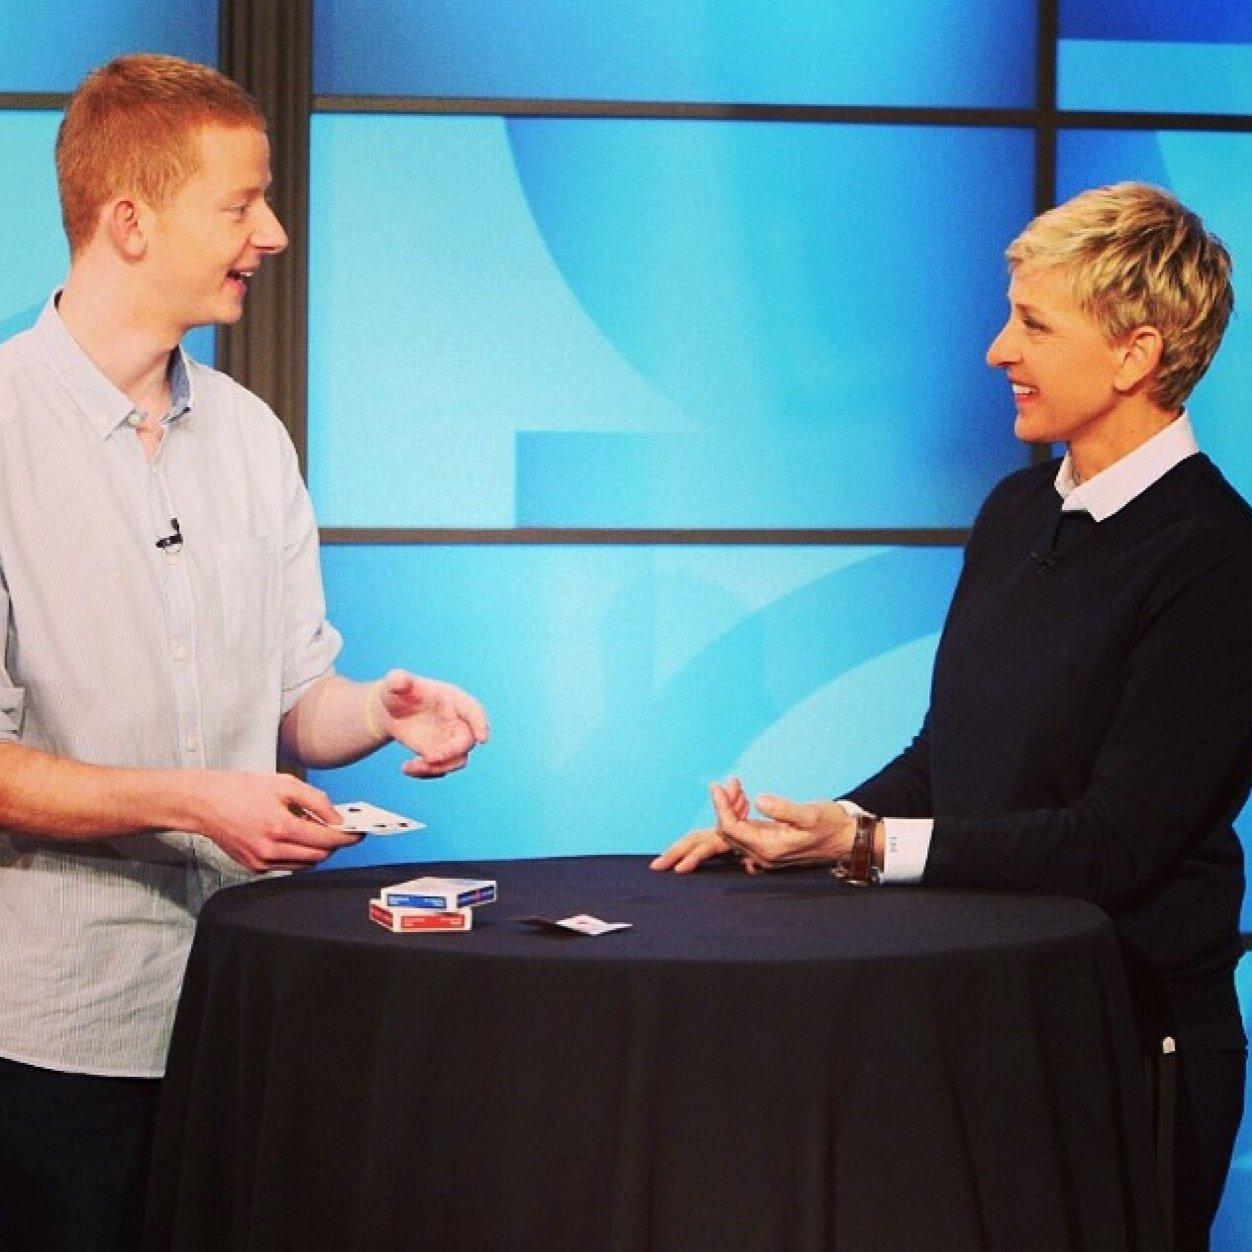 Andrew & Ellen DeGeneres